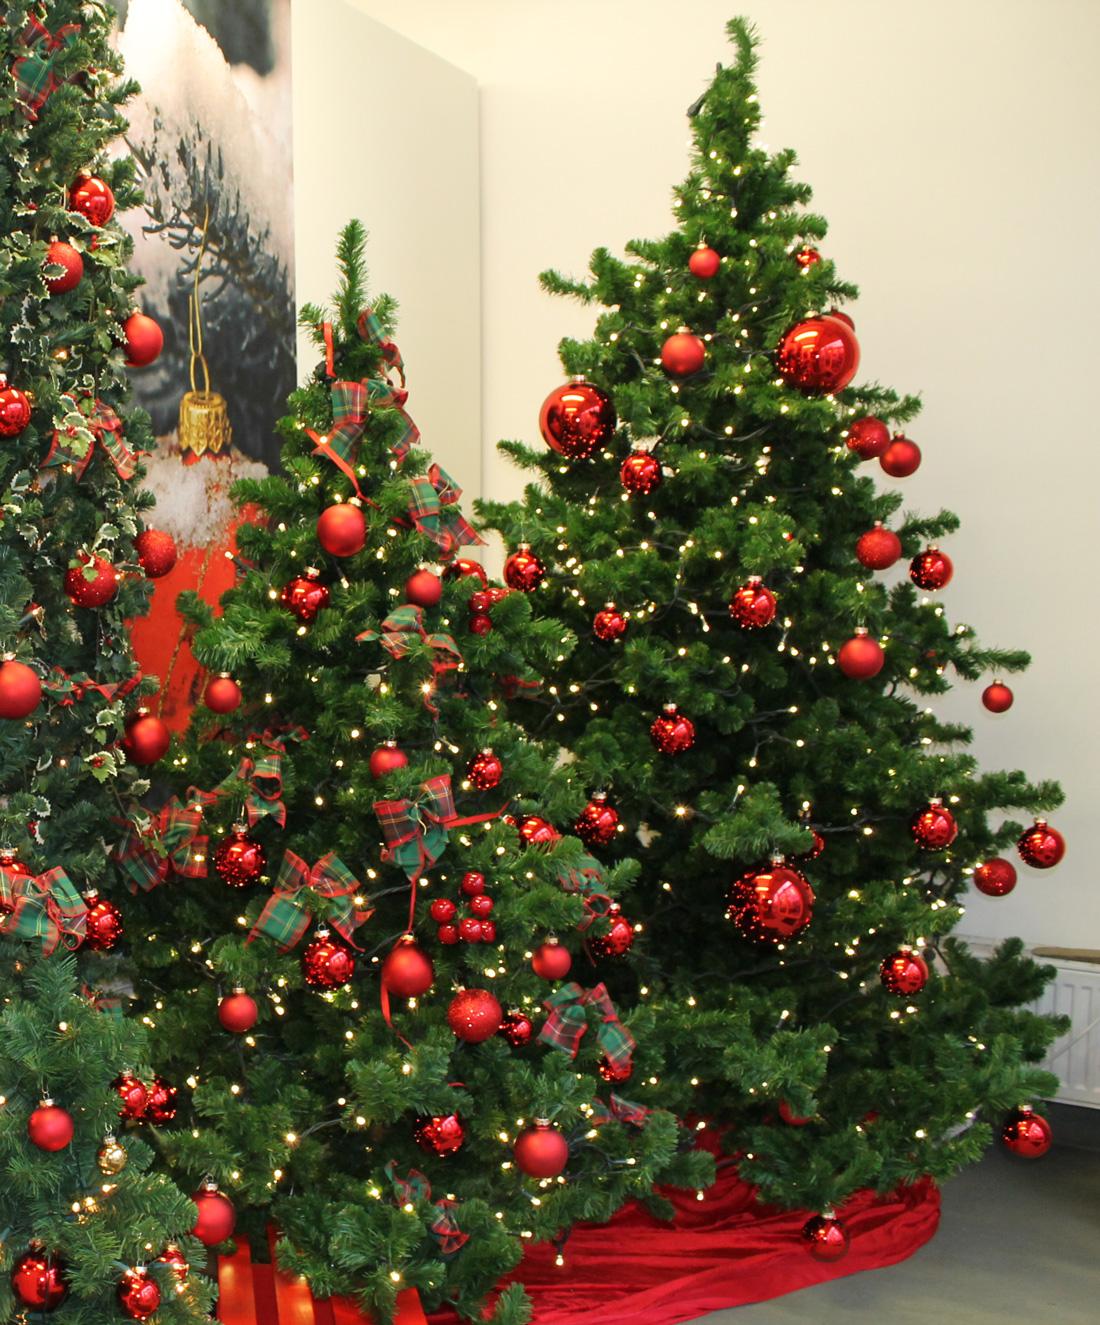 Märchen Von Hans Christian Andersen Der Tannenbaum.Weihnachtsbaum Oh Weihnachtsbaum Artfleur